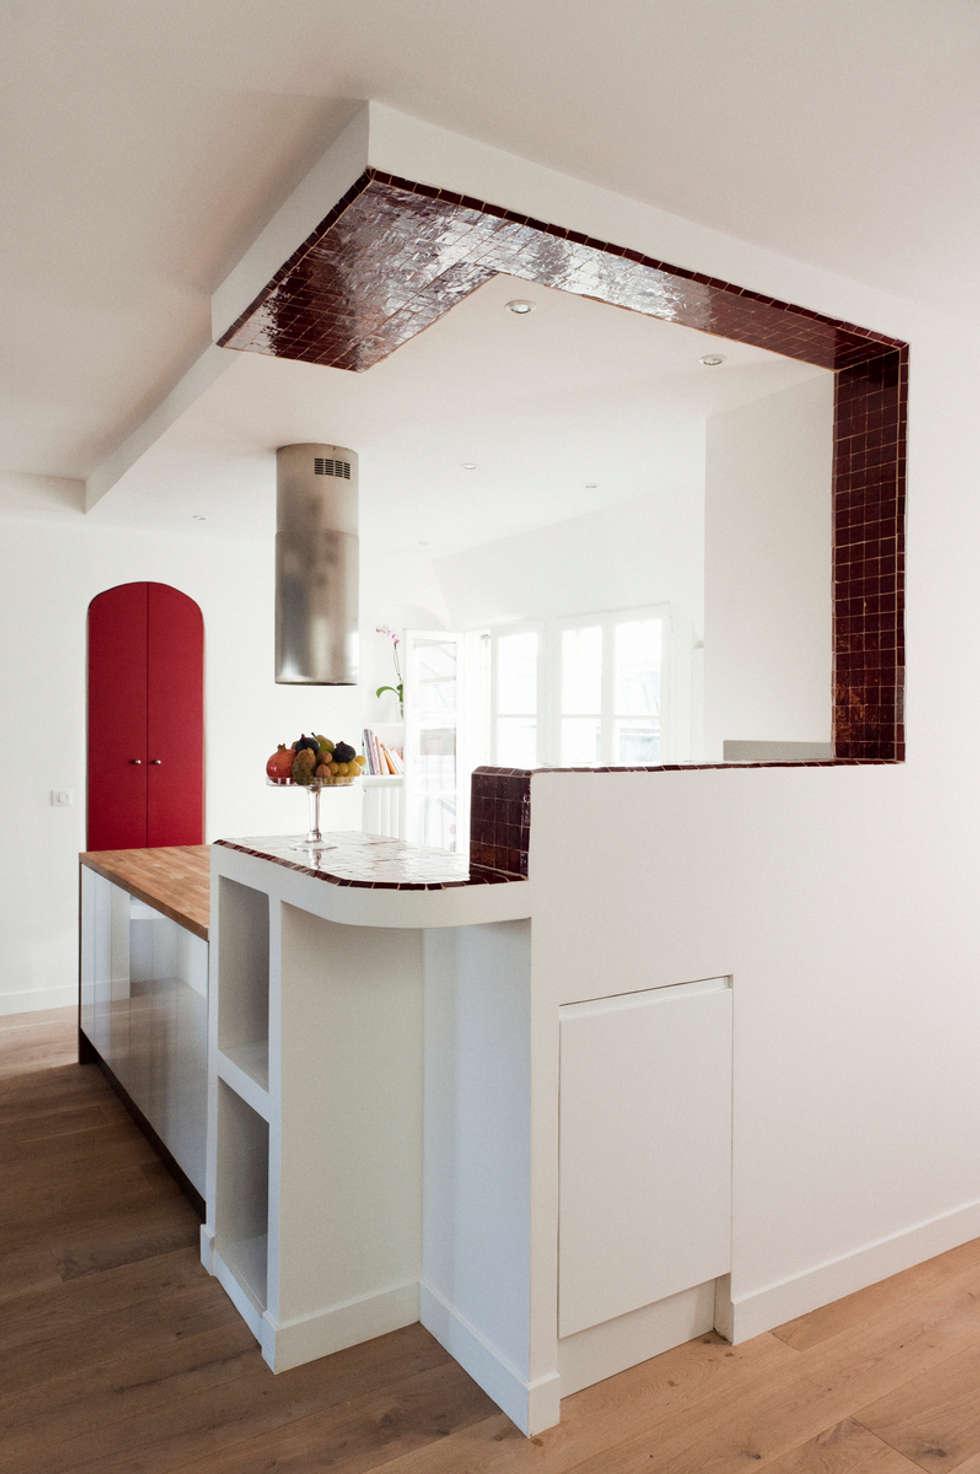 Cuisine ouverte et bar encadrant la vue: Cuisine de style de style Moderne par Ateliers Safouane